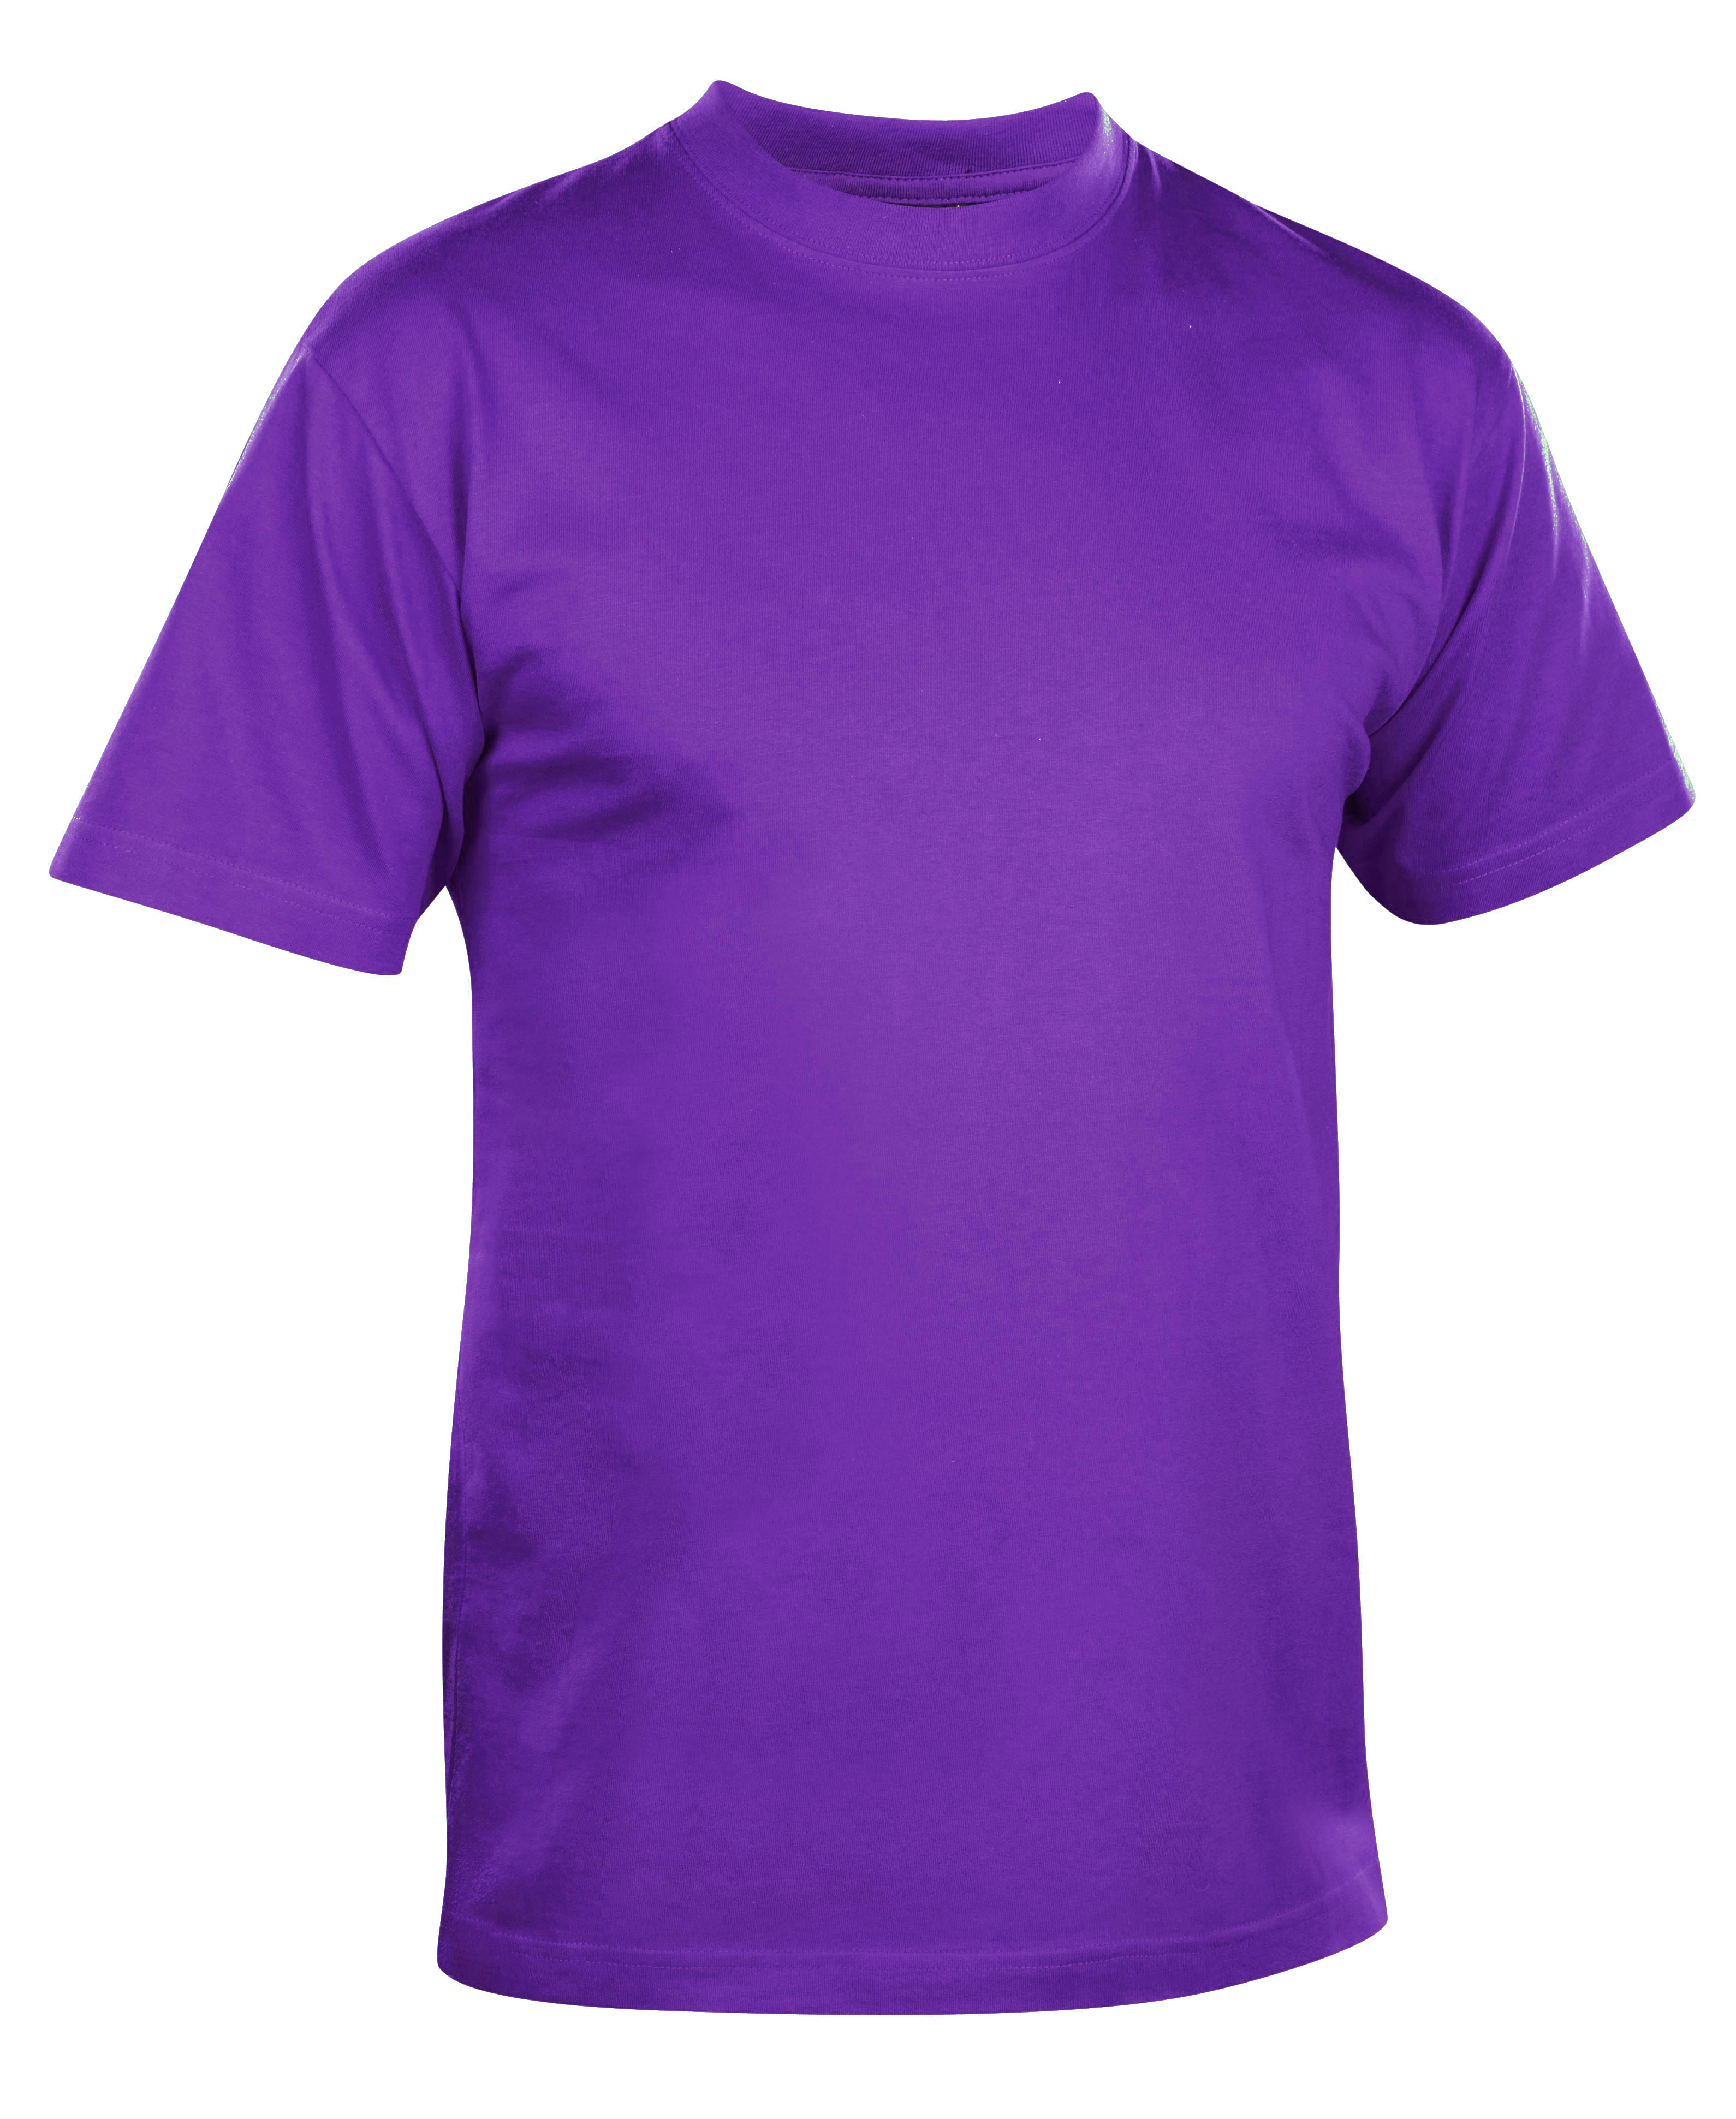 Purple t png image. Clipart shirt violet